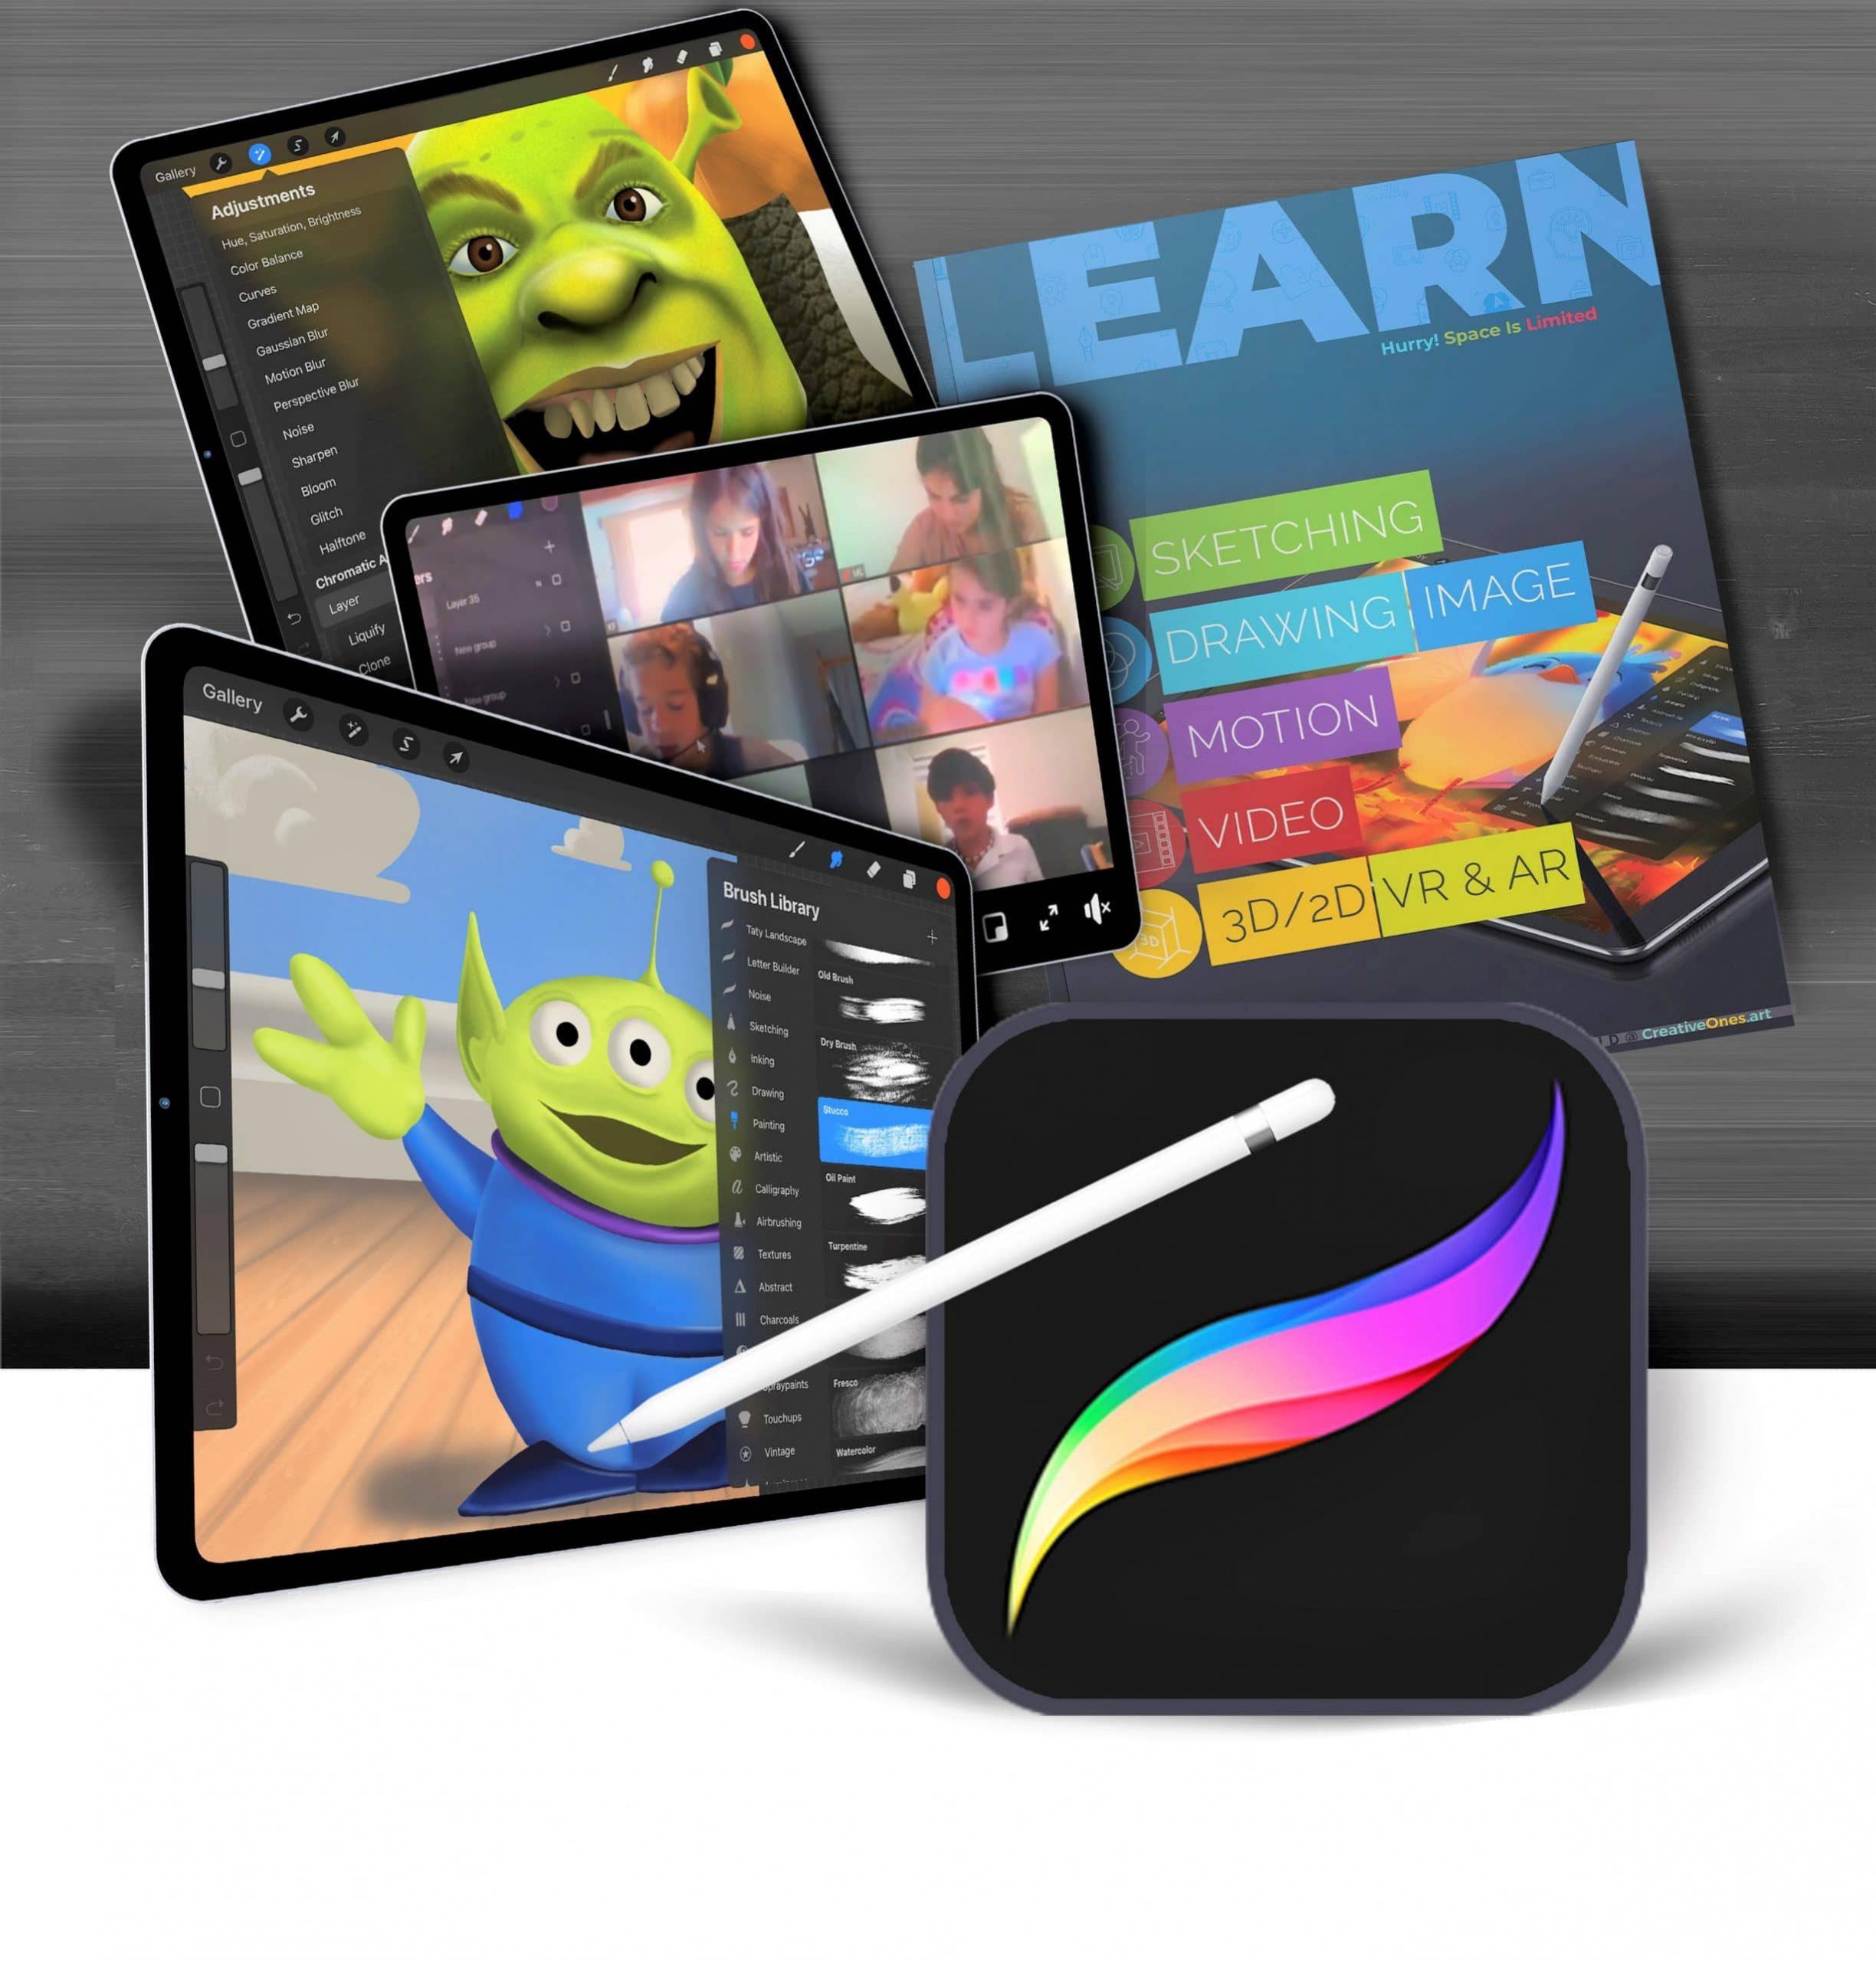 kids k-12 Learning Digital Art using Procreate.